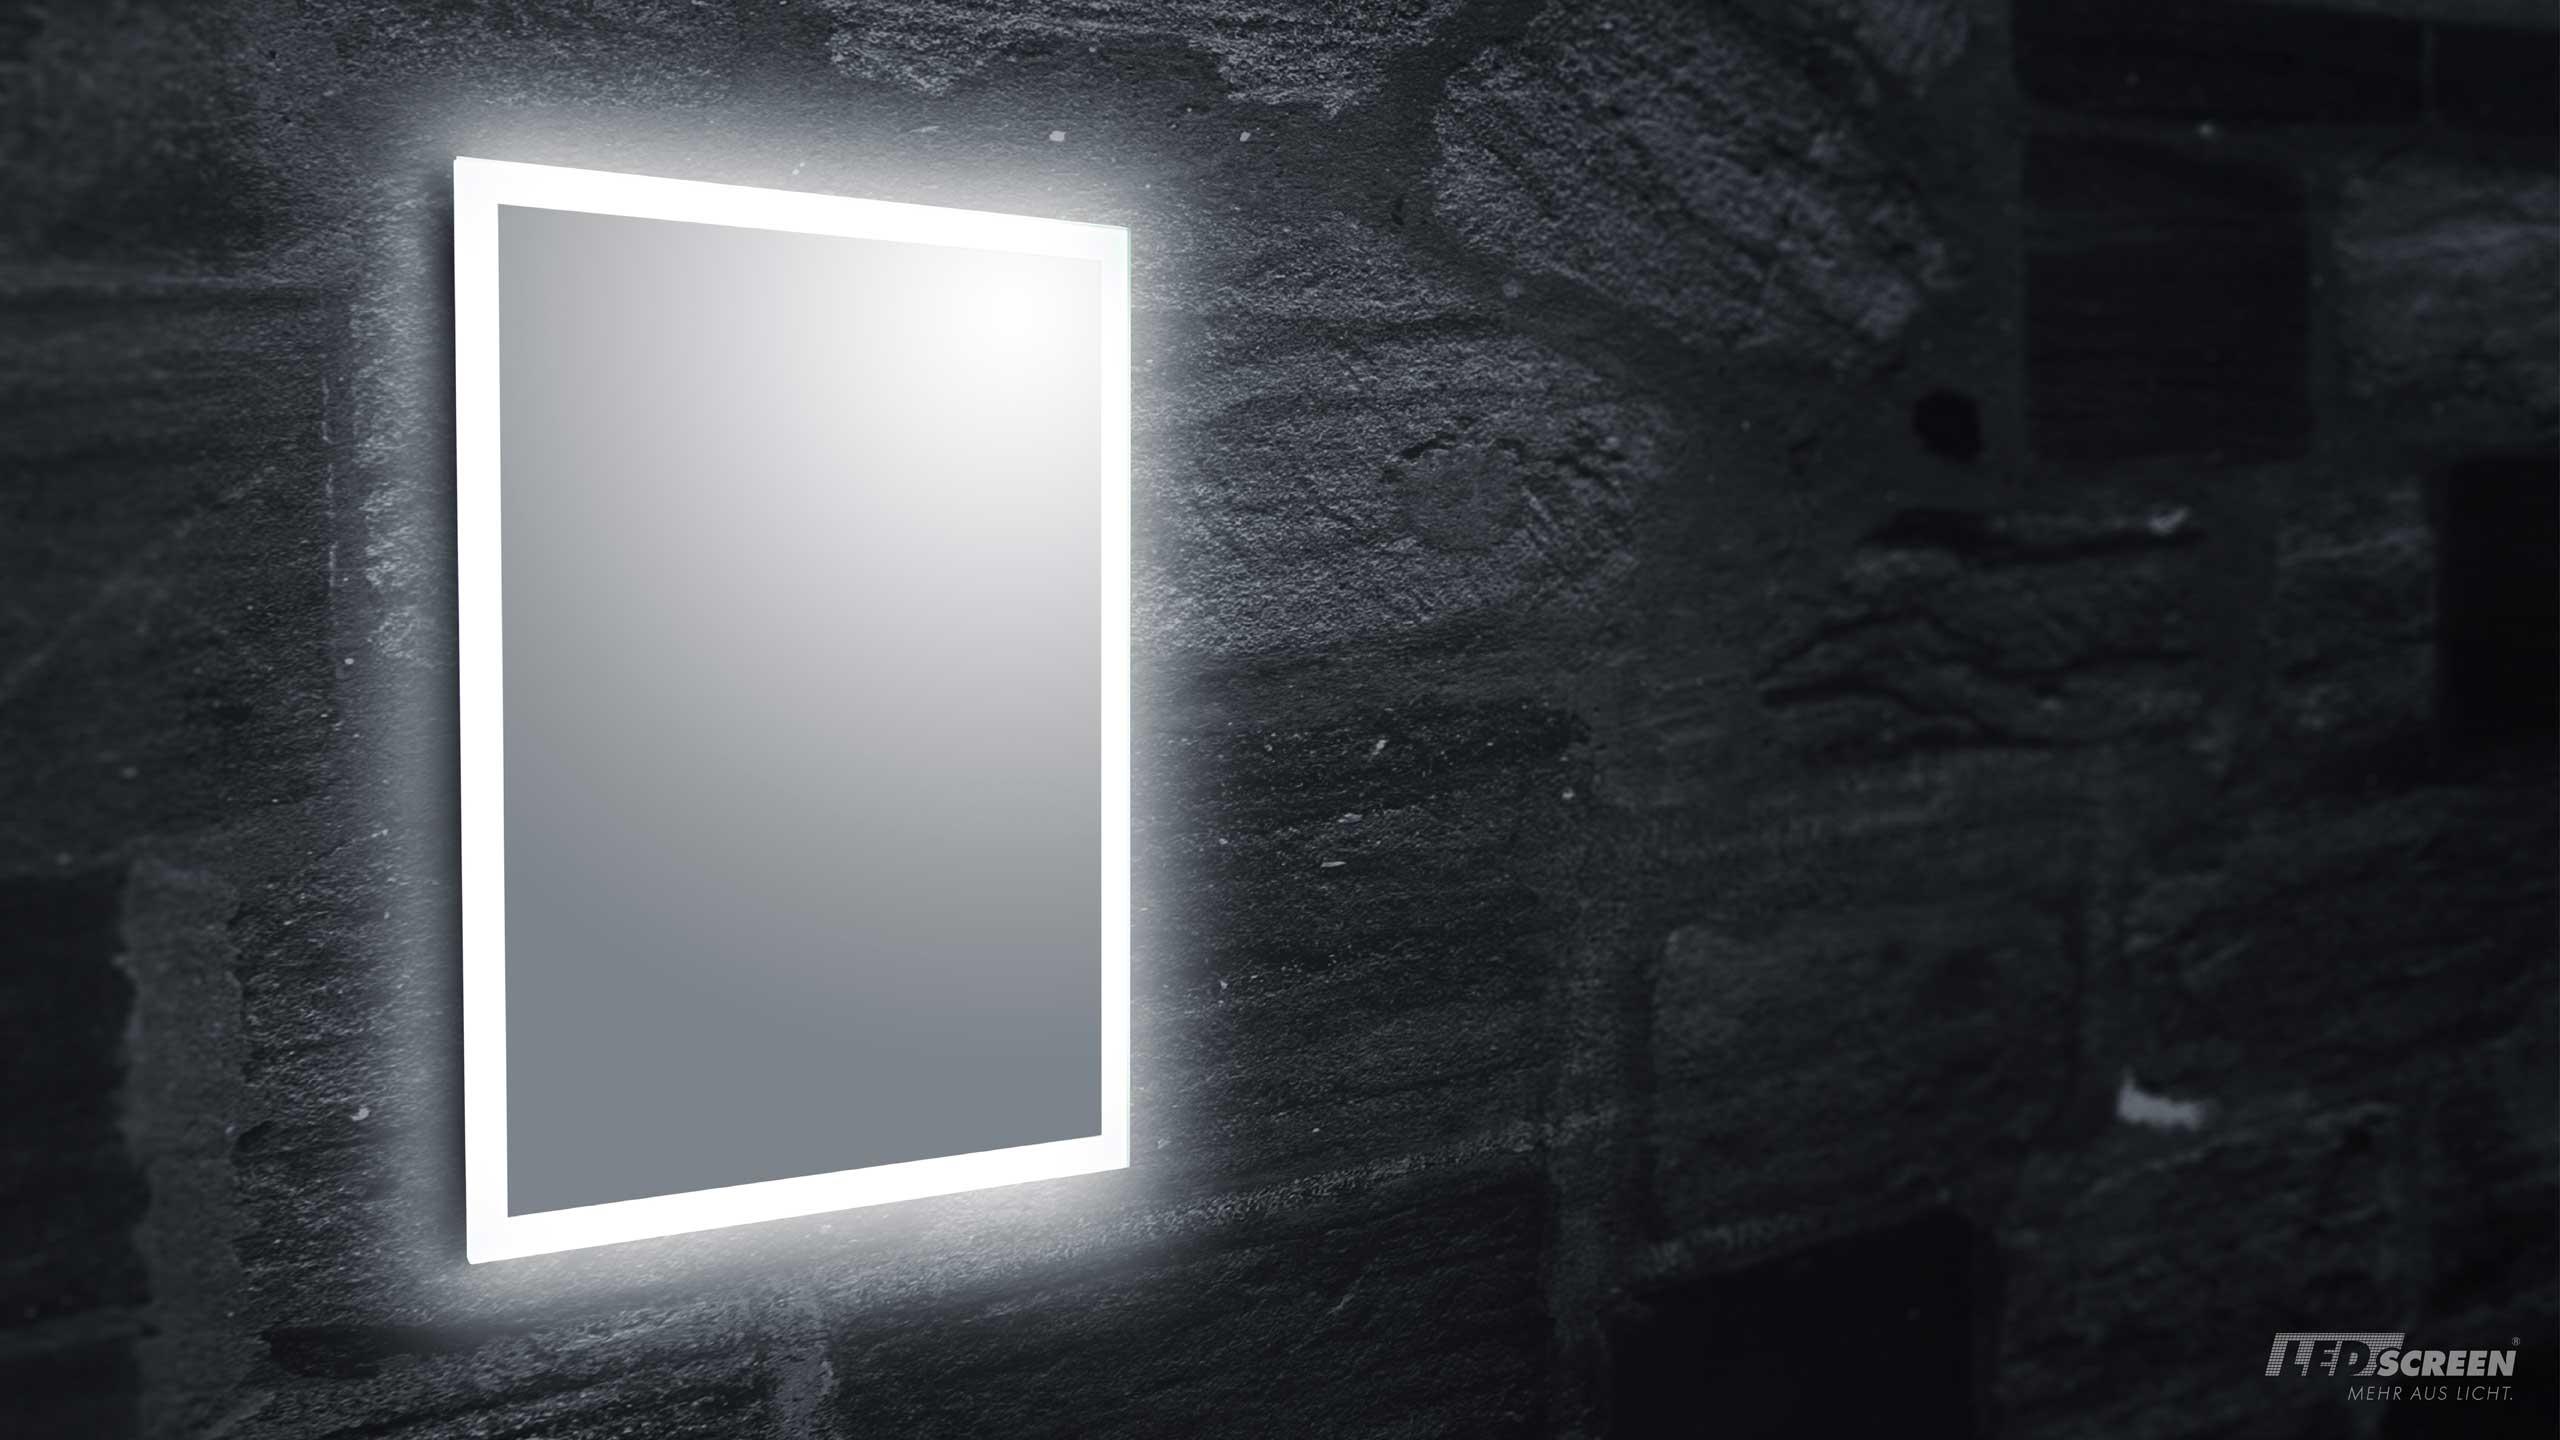 LEDscreen_Leuchtspiegel_03